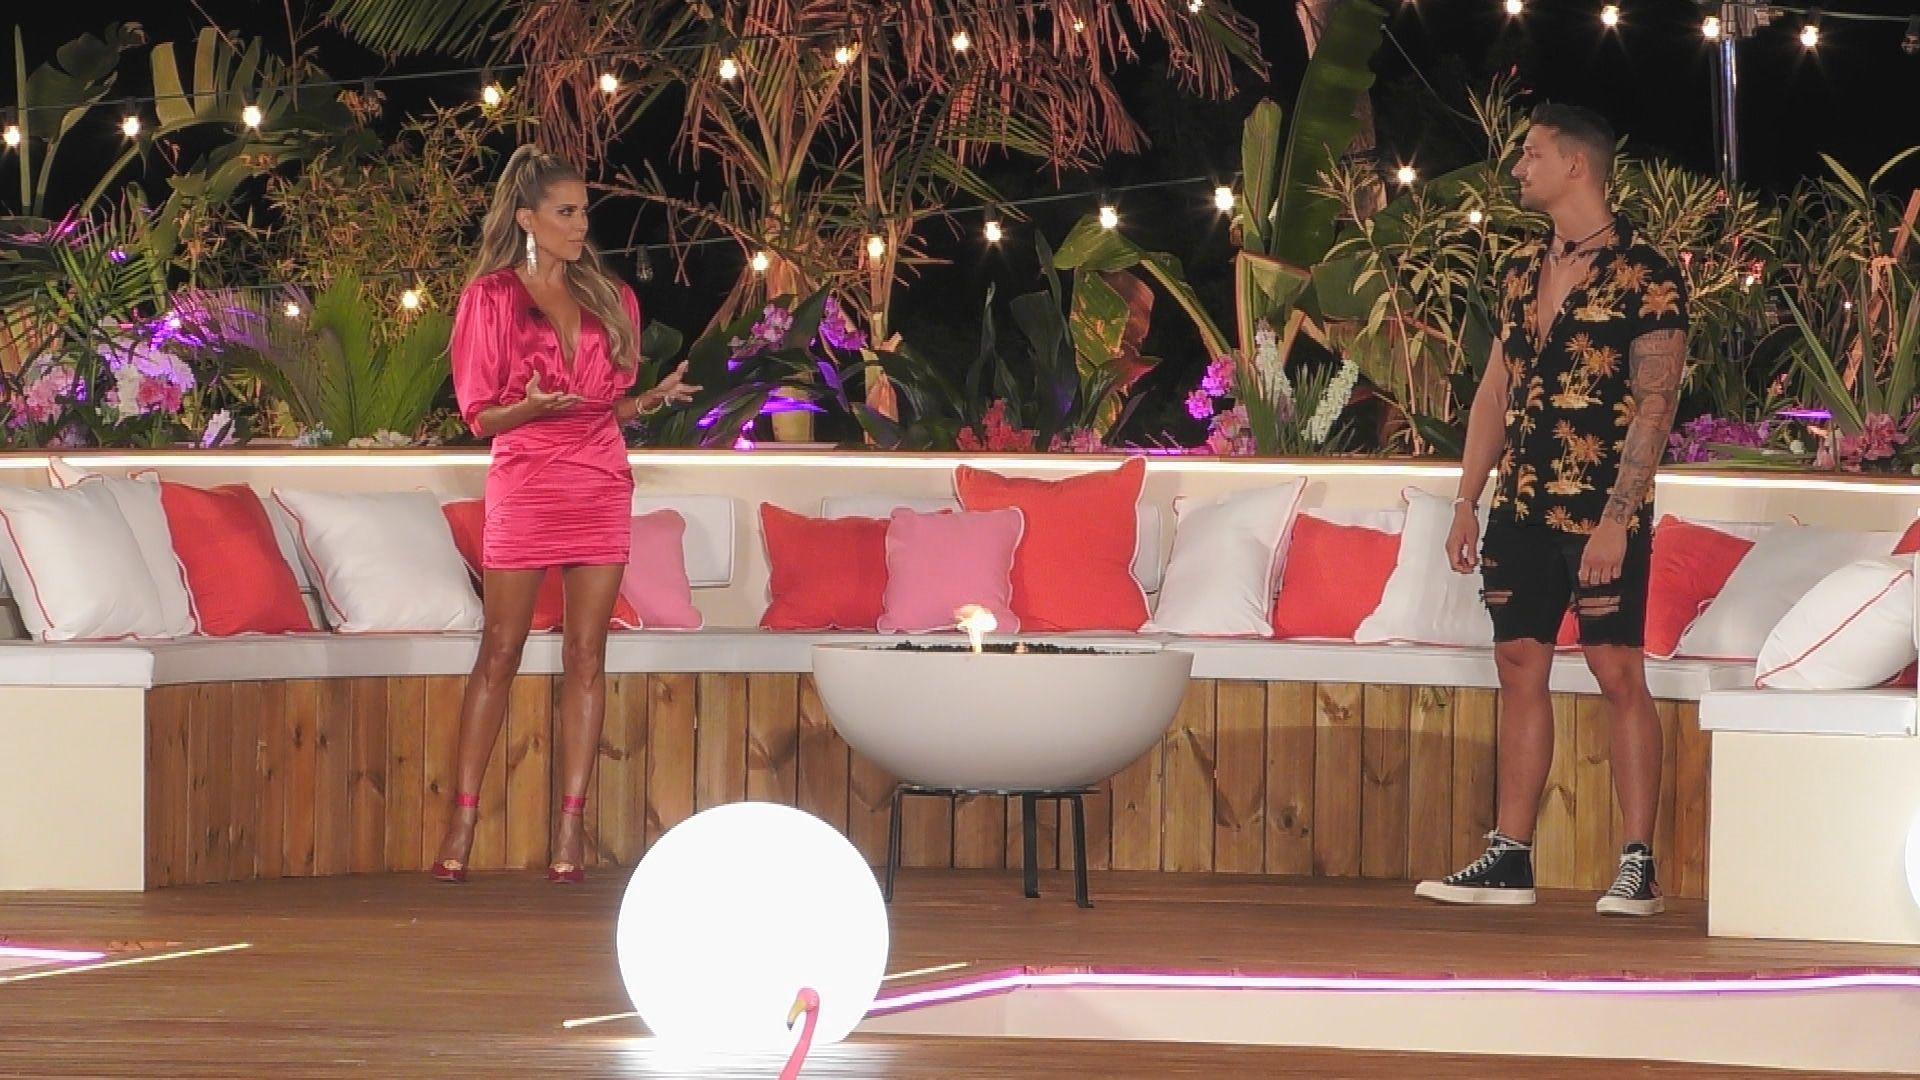 Wer ist die bessere Moderatorin: Sophia Thomalla, Sylvie Meis oder Cathy Hummels?